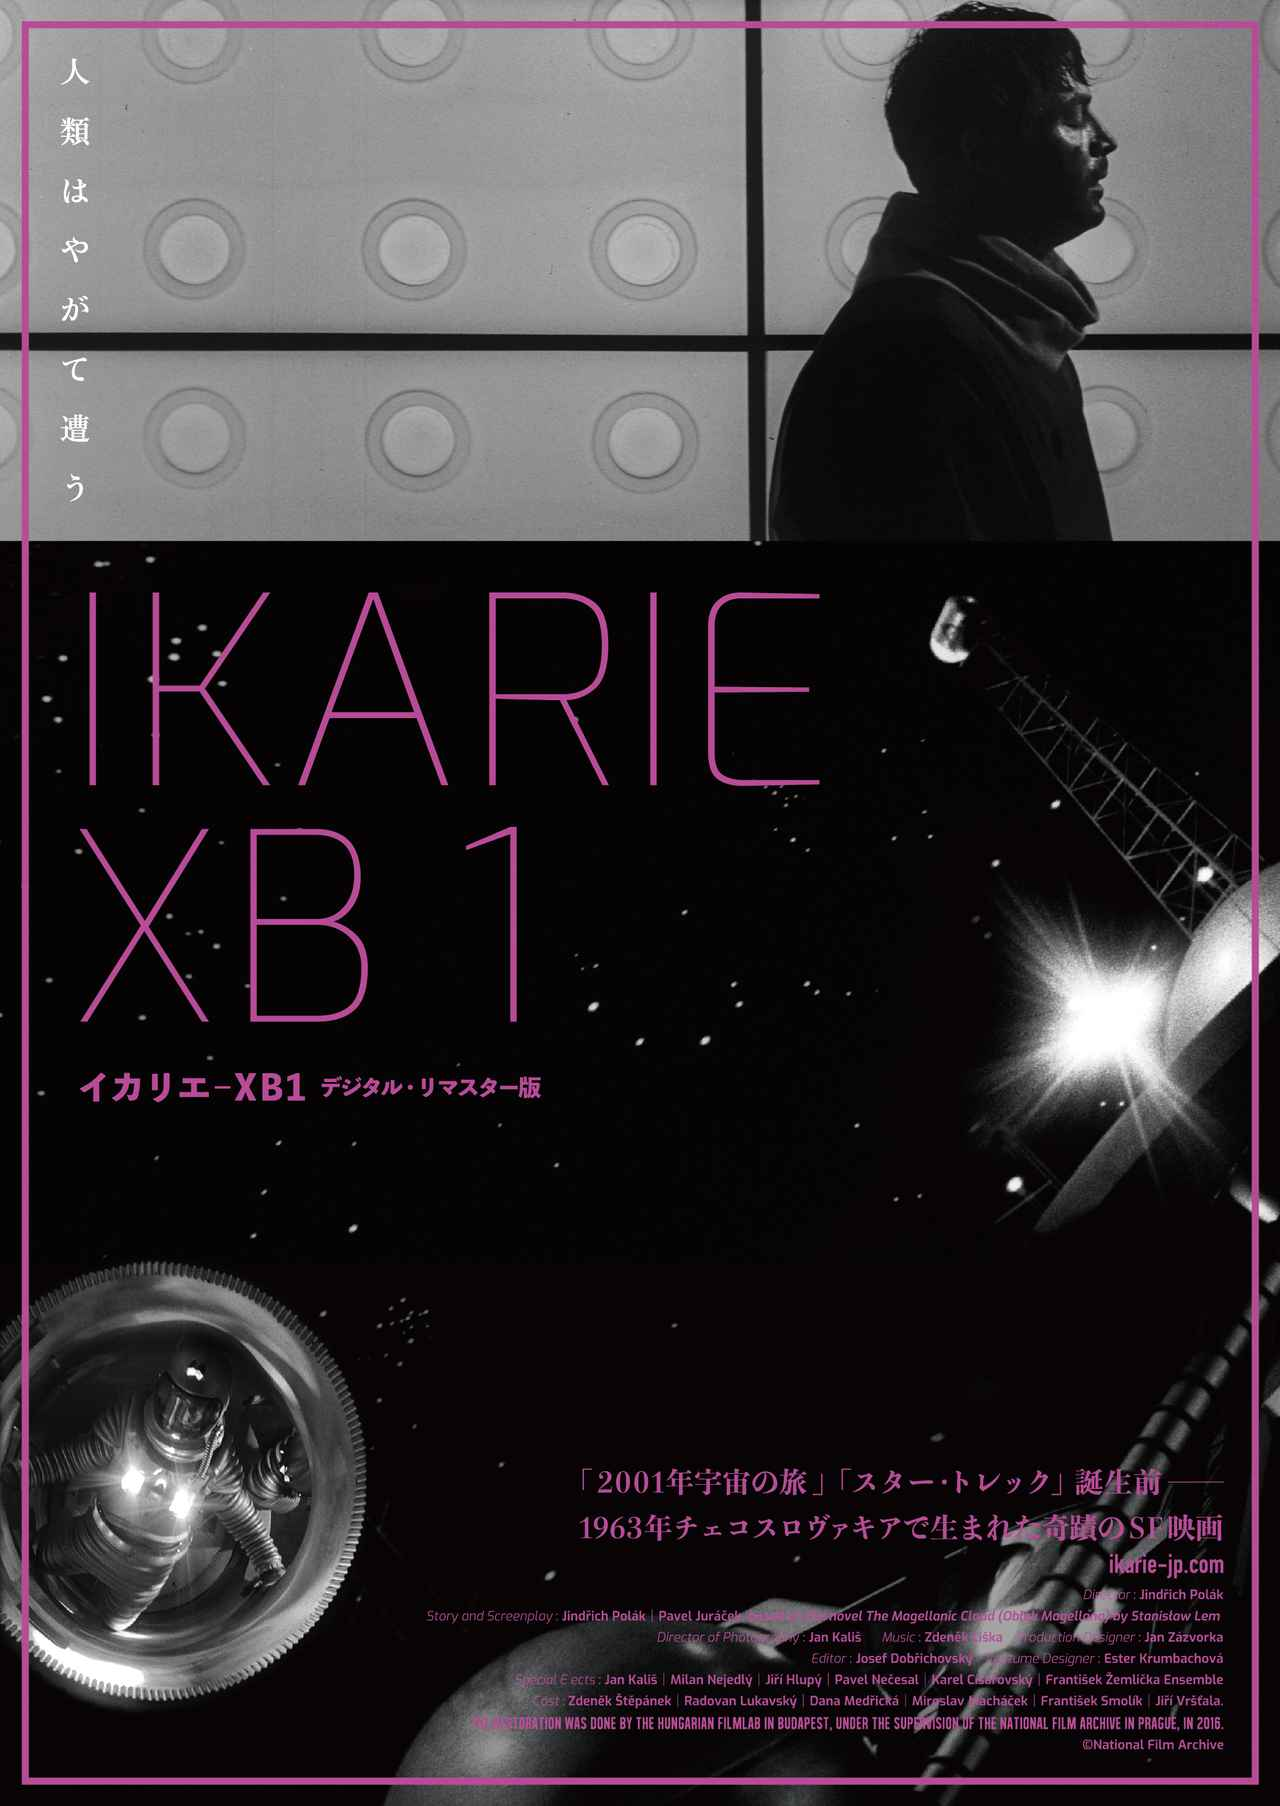 画像: 『2001年宇宙の旅』『スター・トレック』誕生前に生まれた奇蹟のSF映画『イカリエ-XB1』公開決定